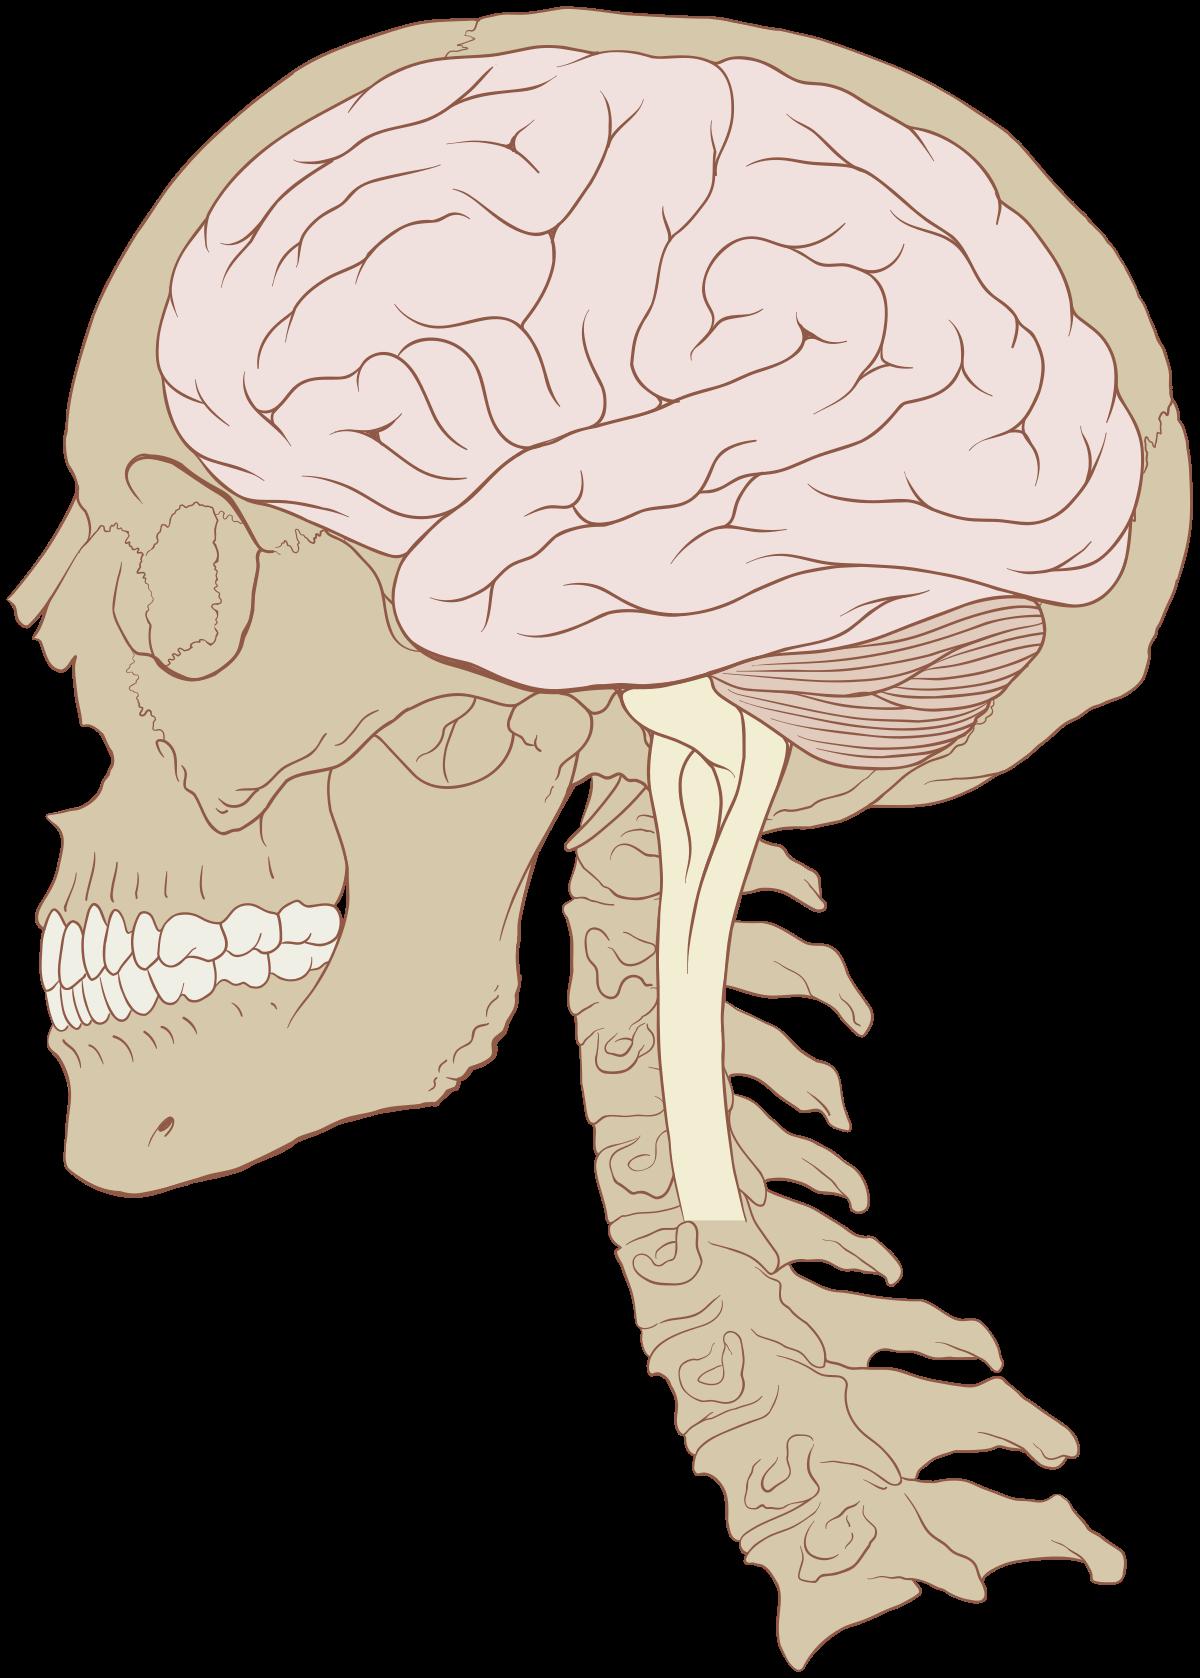 kapcsolat az agy és a látás között